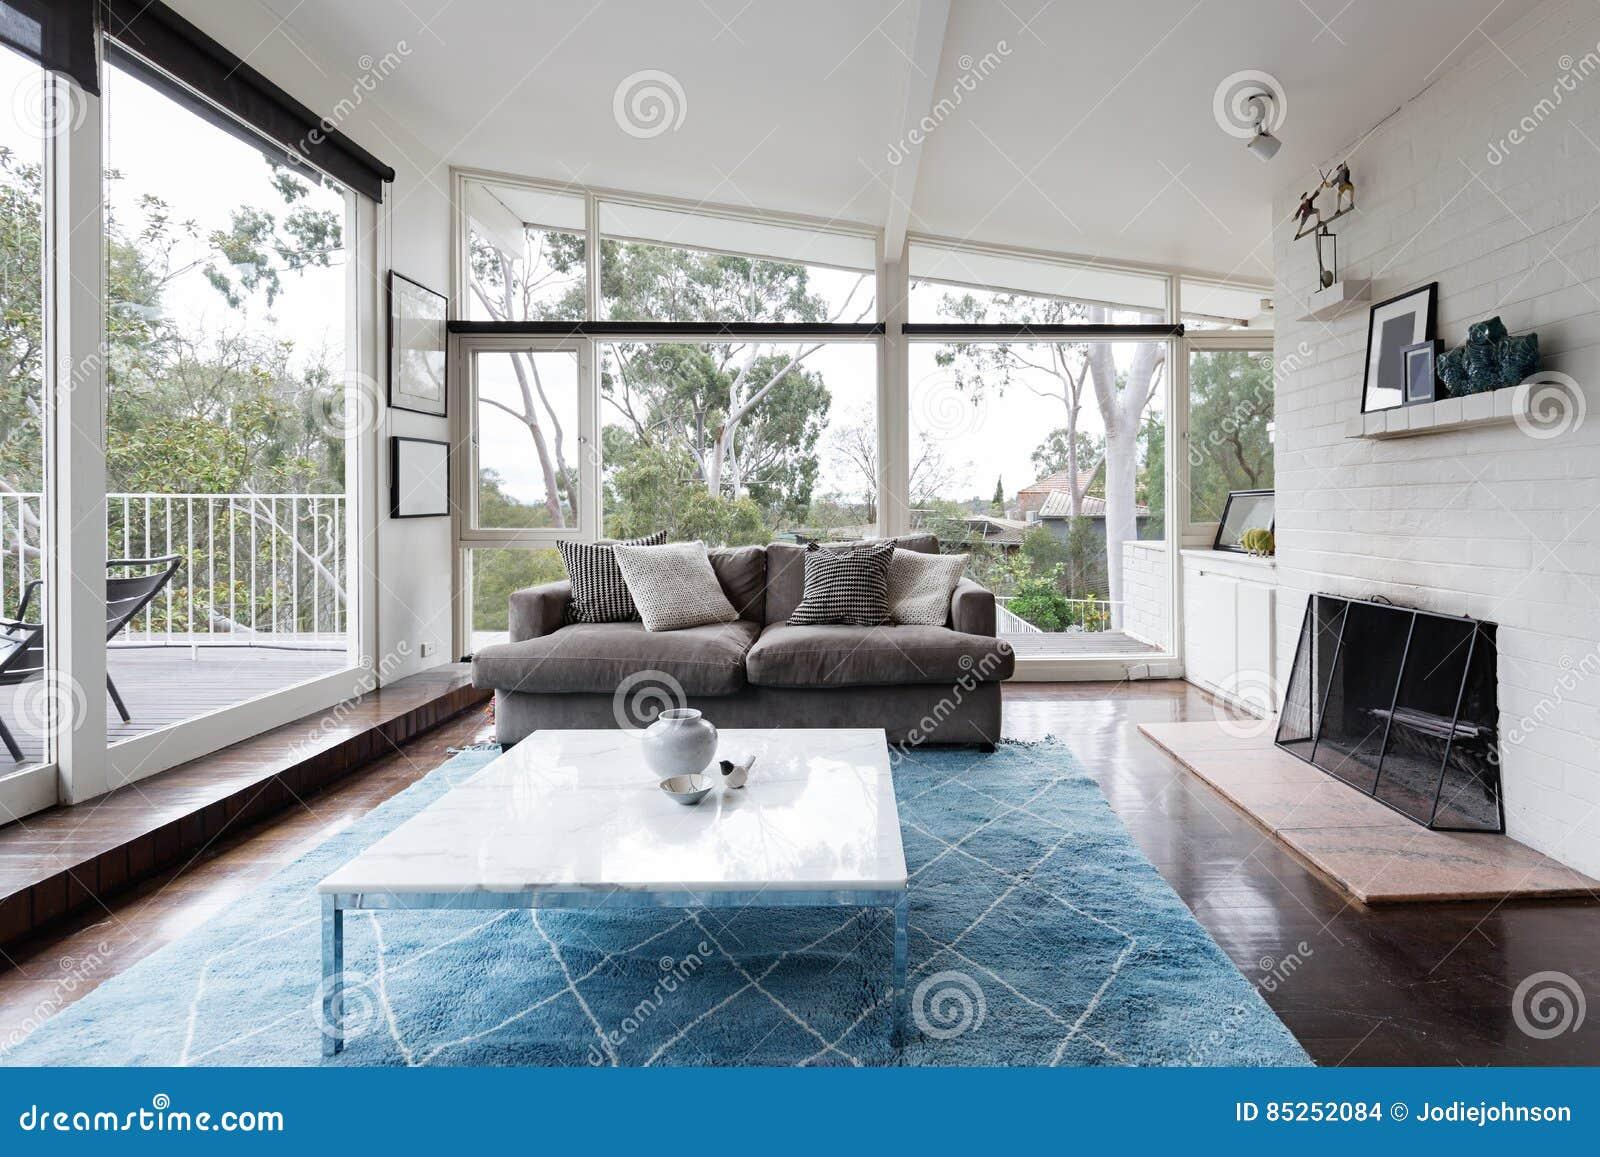 Modernes Wohnzimmer Der Mitte Des Jahrhunderts Mit Den Enormen Fenstern,  Zum Des Tre Anzusehen